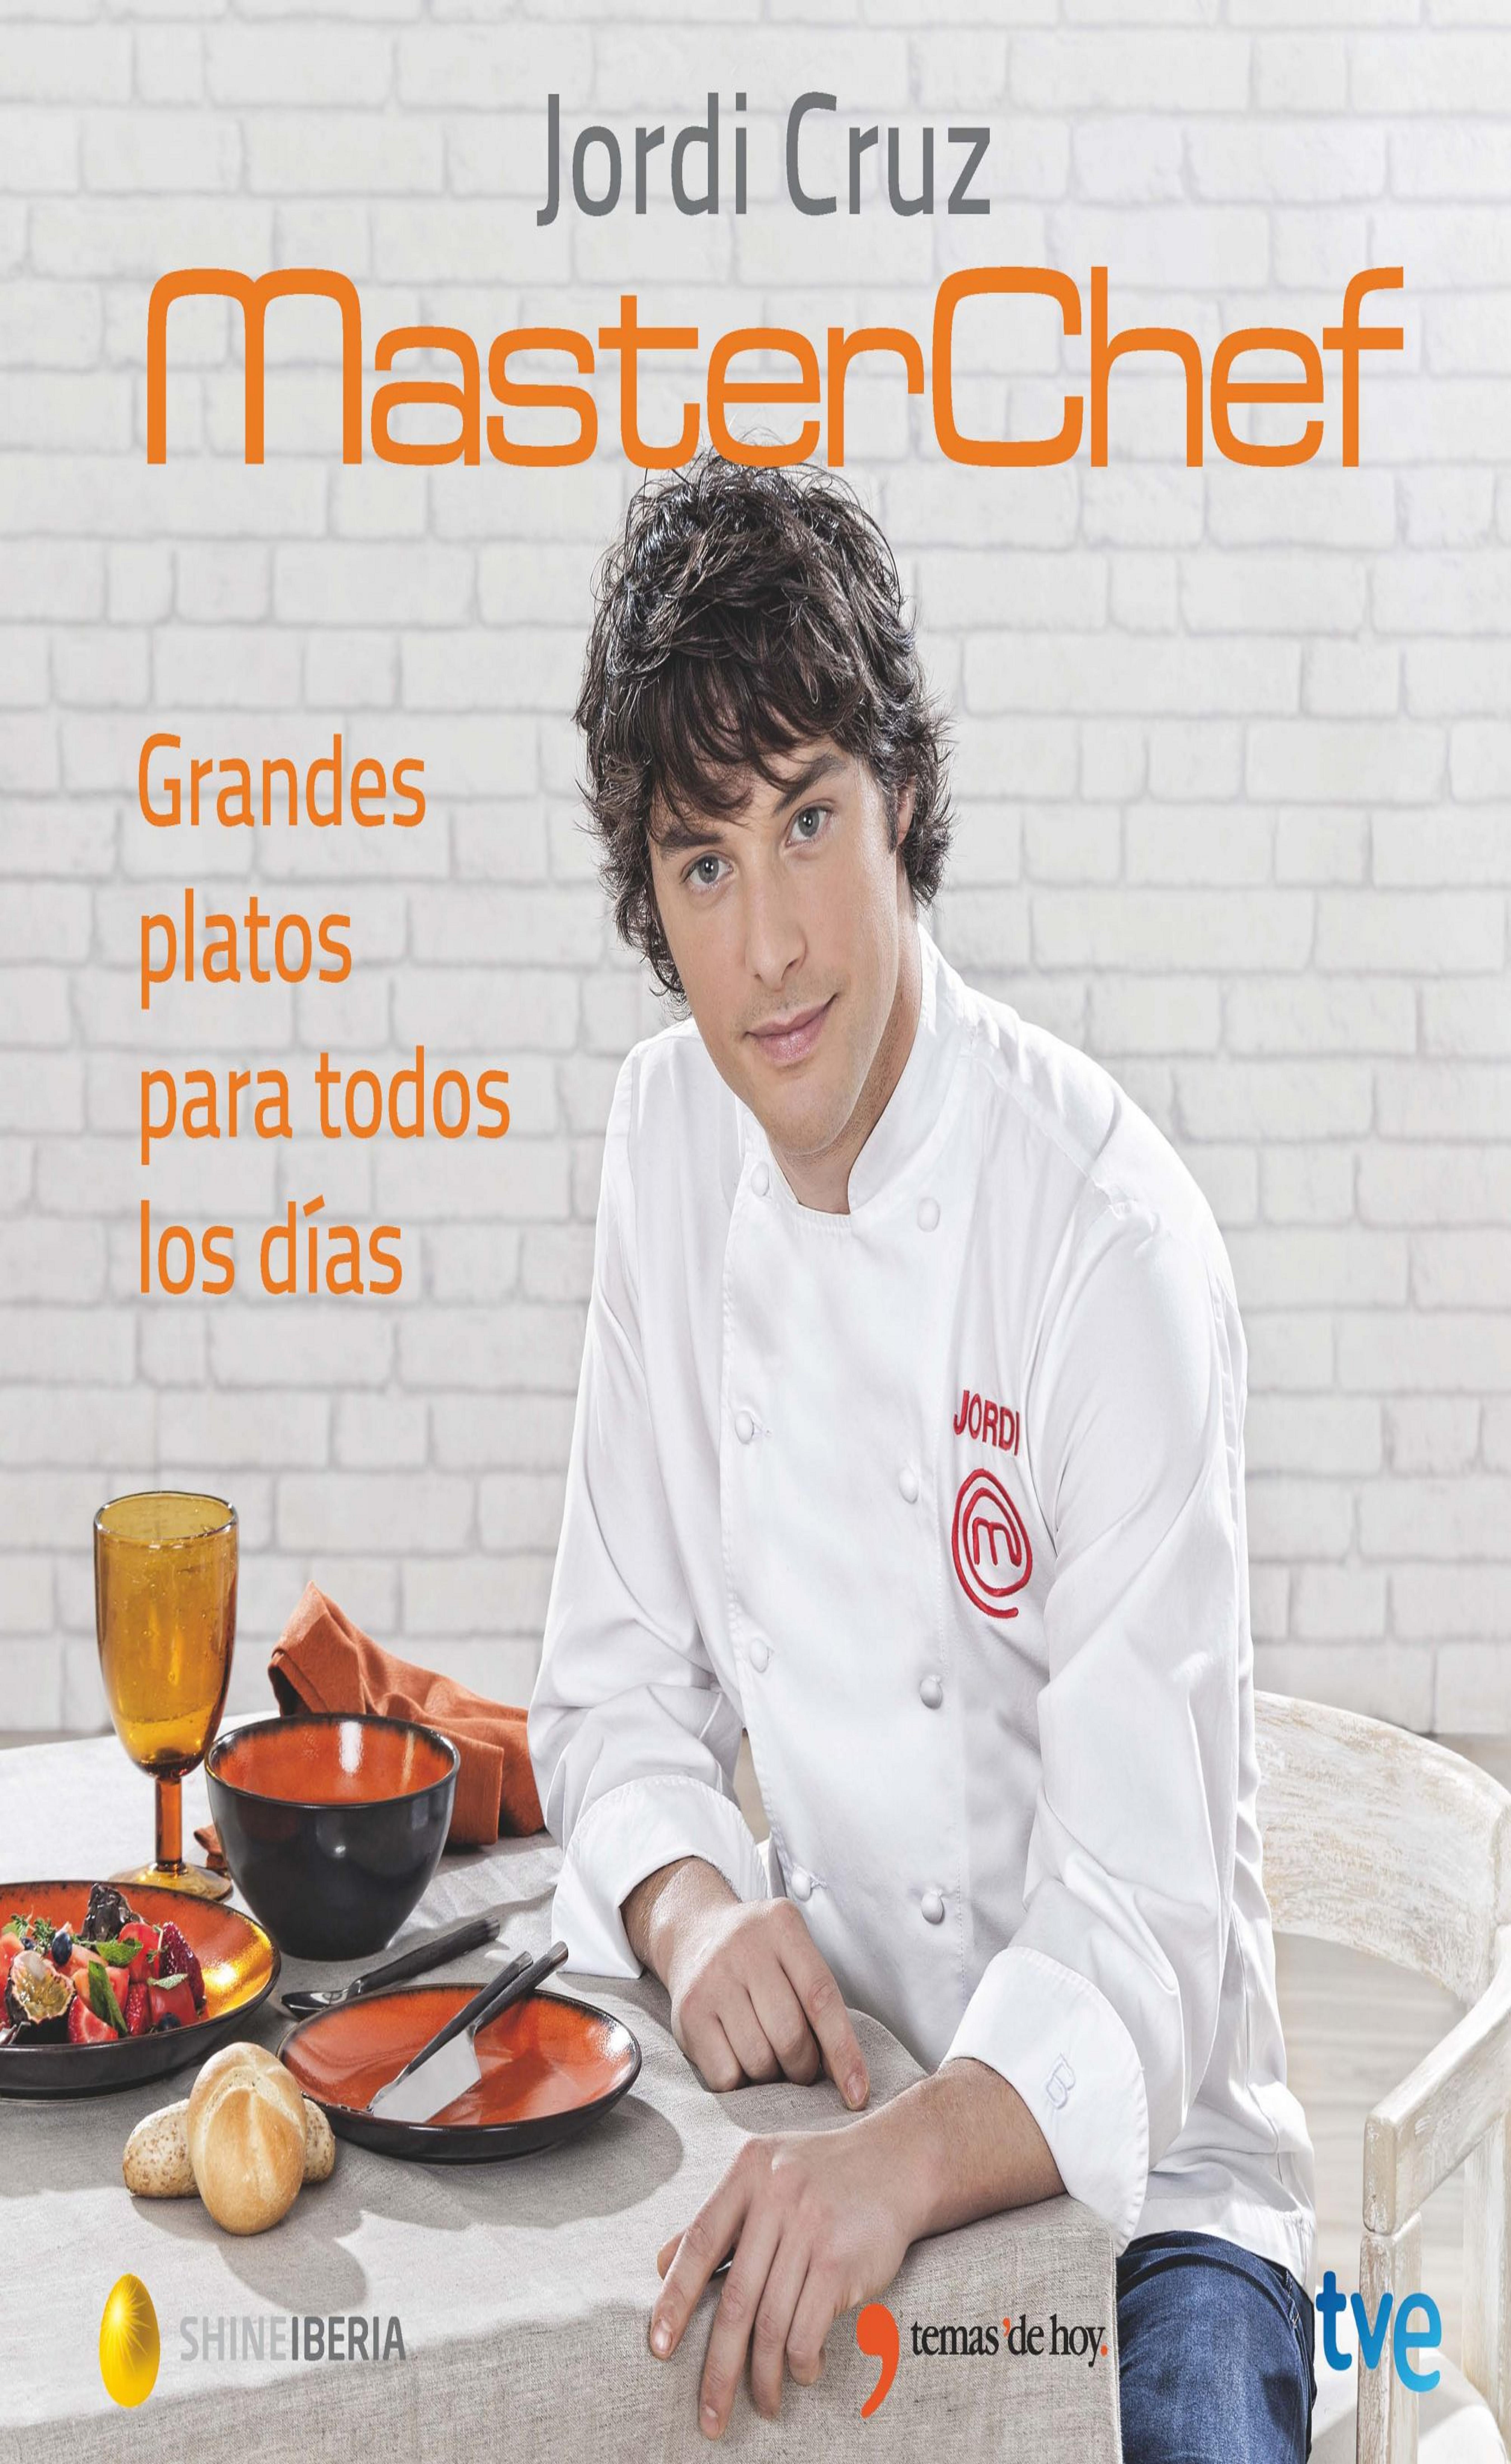 MASTERCHEF: GRANDES PLATOS PARA TODOS LOS DIAS